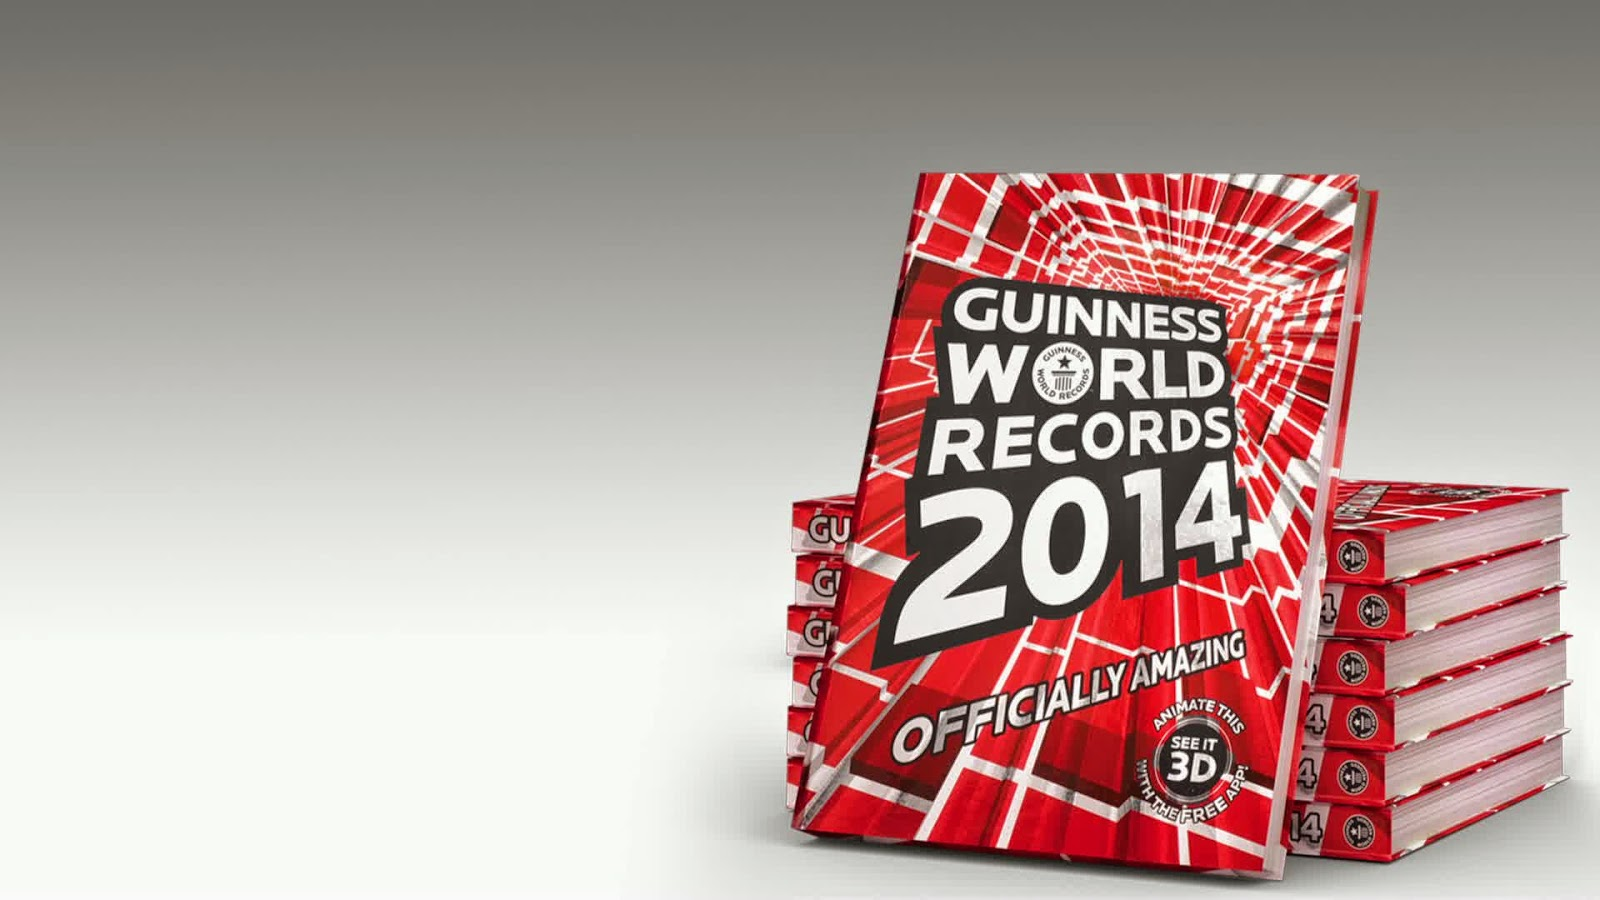 guinness world records 2014, guinness rekorlar kitabı 2014, rekorlar, türkiye rekorları, rekorlar kitabı